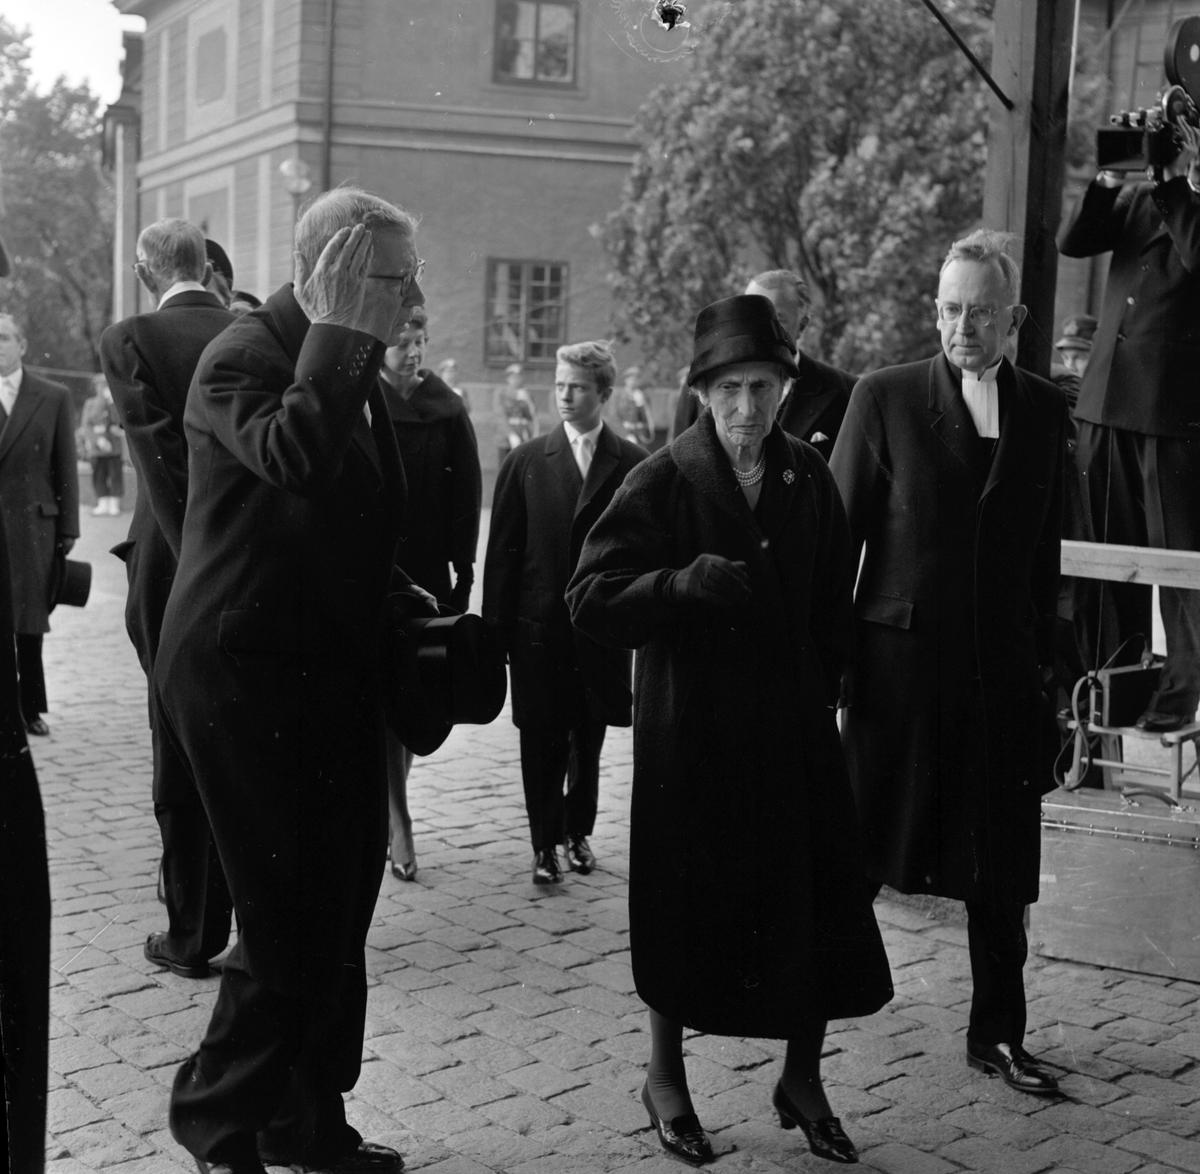 Dag Hammarskjölds begravning. Utanför Uppsala domkyrka före jordfästningen. Kung Gustaf VI Adolf och drottning Louise på väg in i kyrkan. Uppsala 29 september 1961